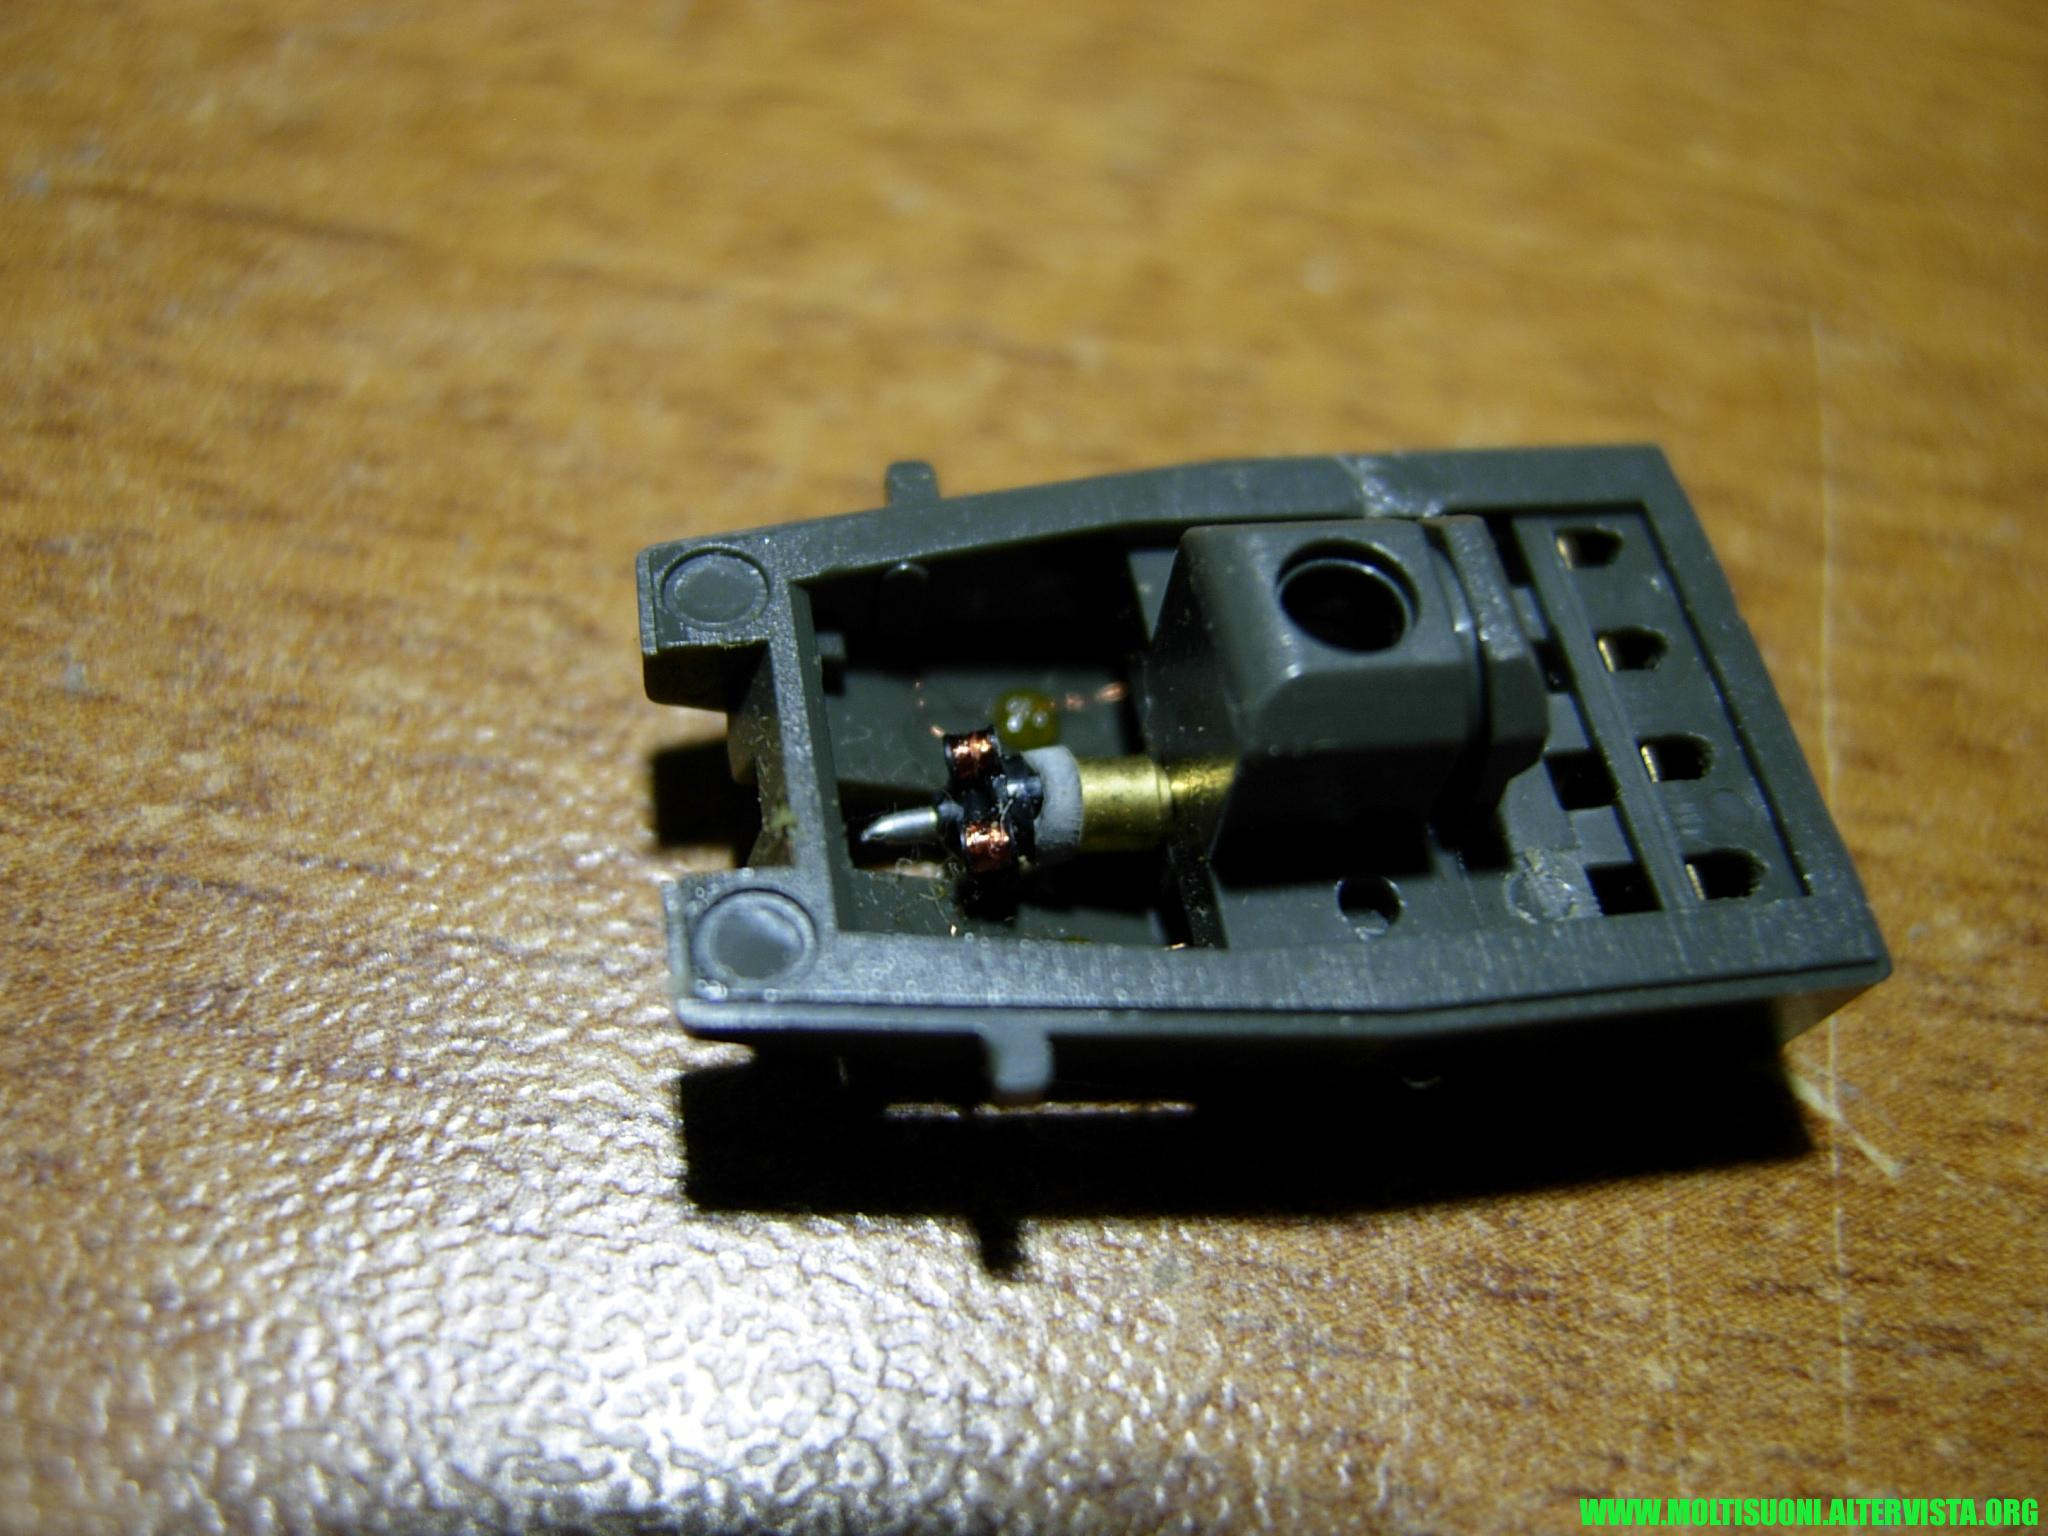 Moltisuoni fonorivelatori MM-MC Pioneer MC5- 2